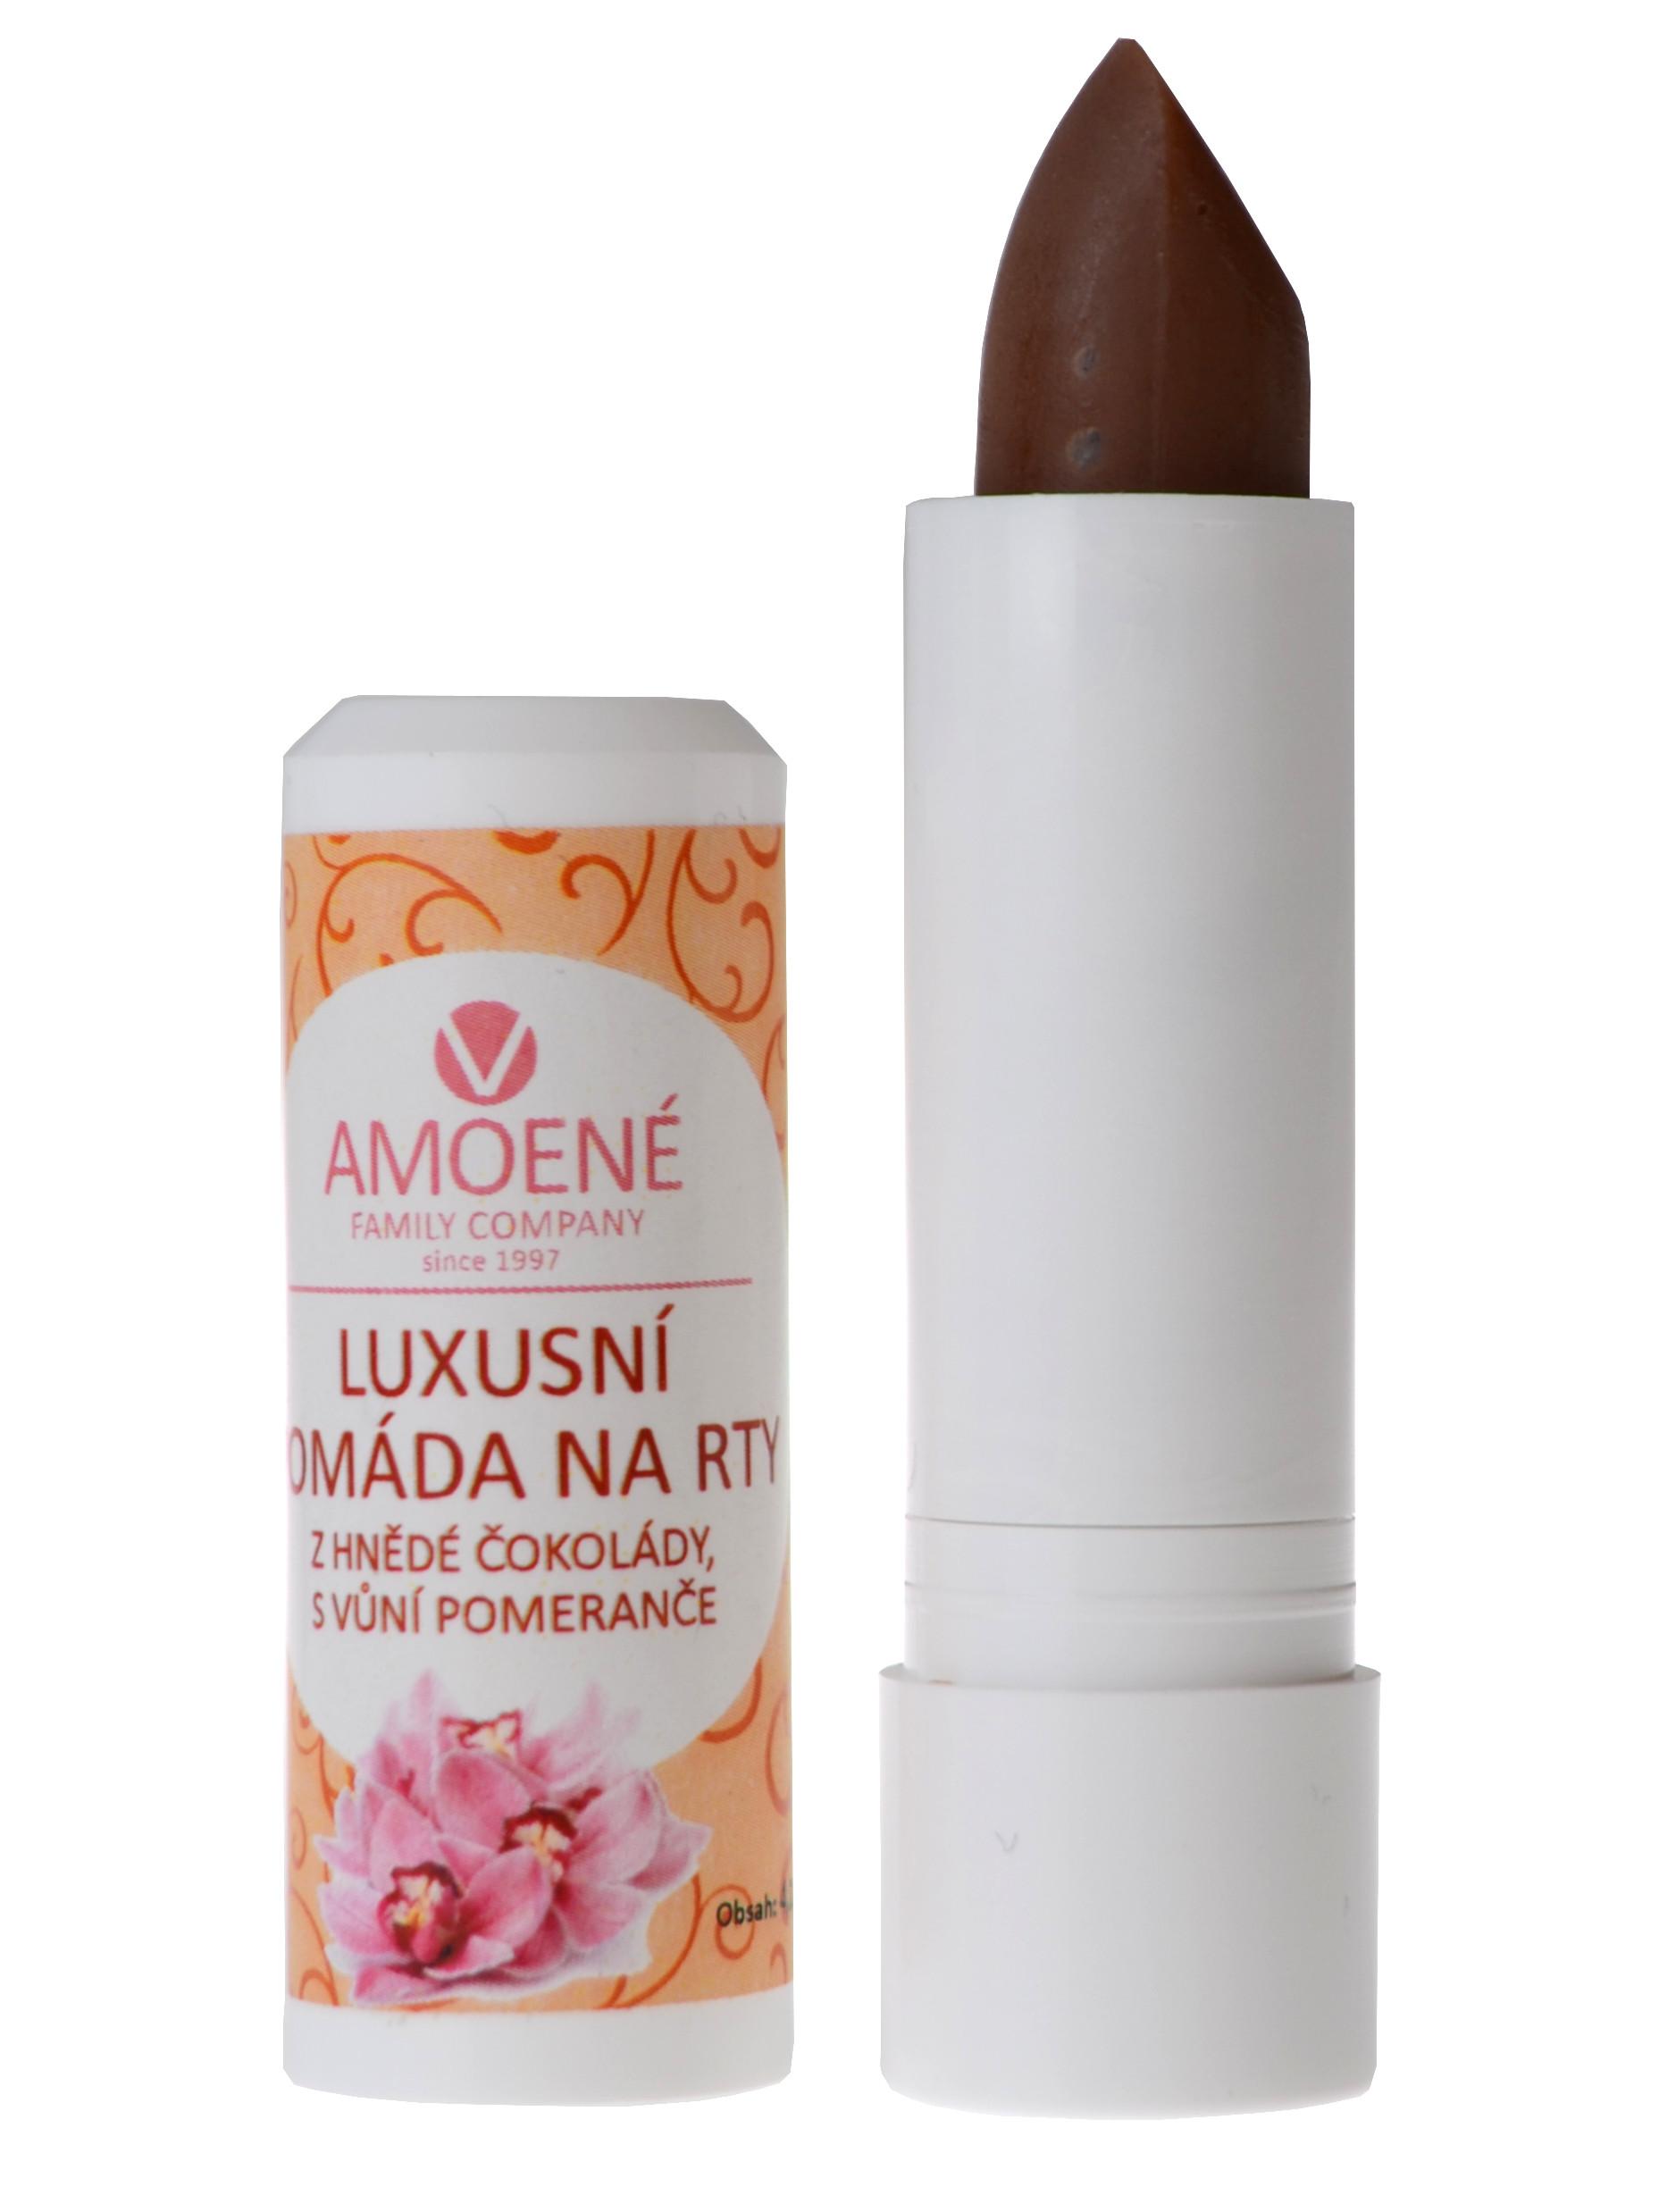 Pomáda na rty, Amoené luxusní hnědá čokoláda s pomerančem - 4,2 g (0125P00000)